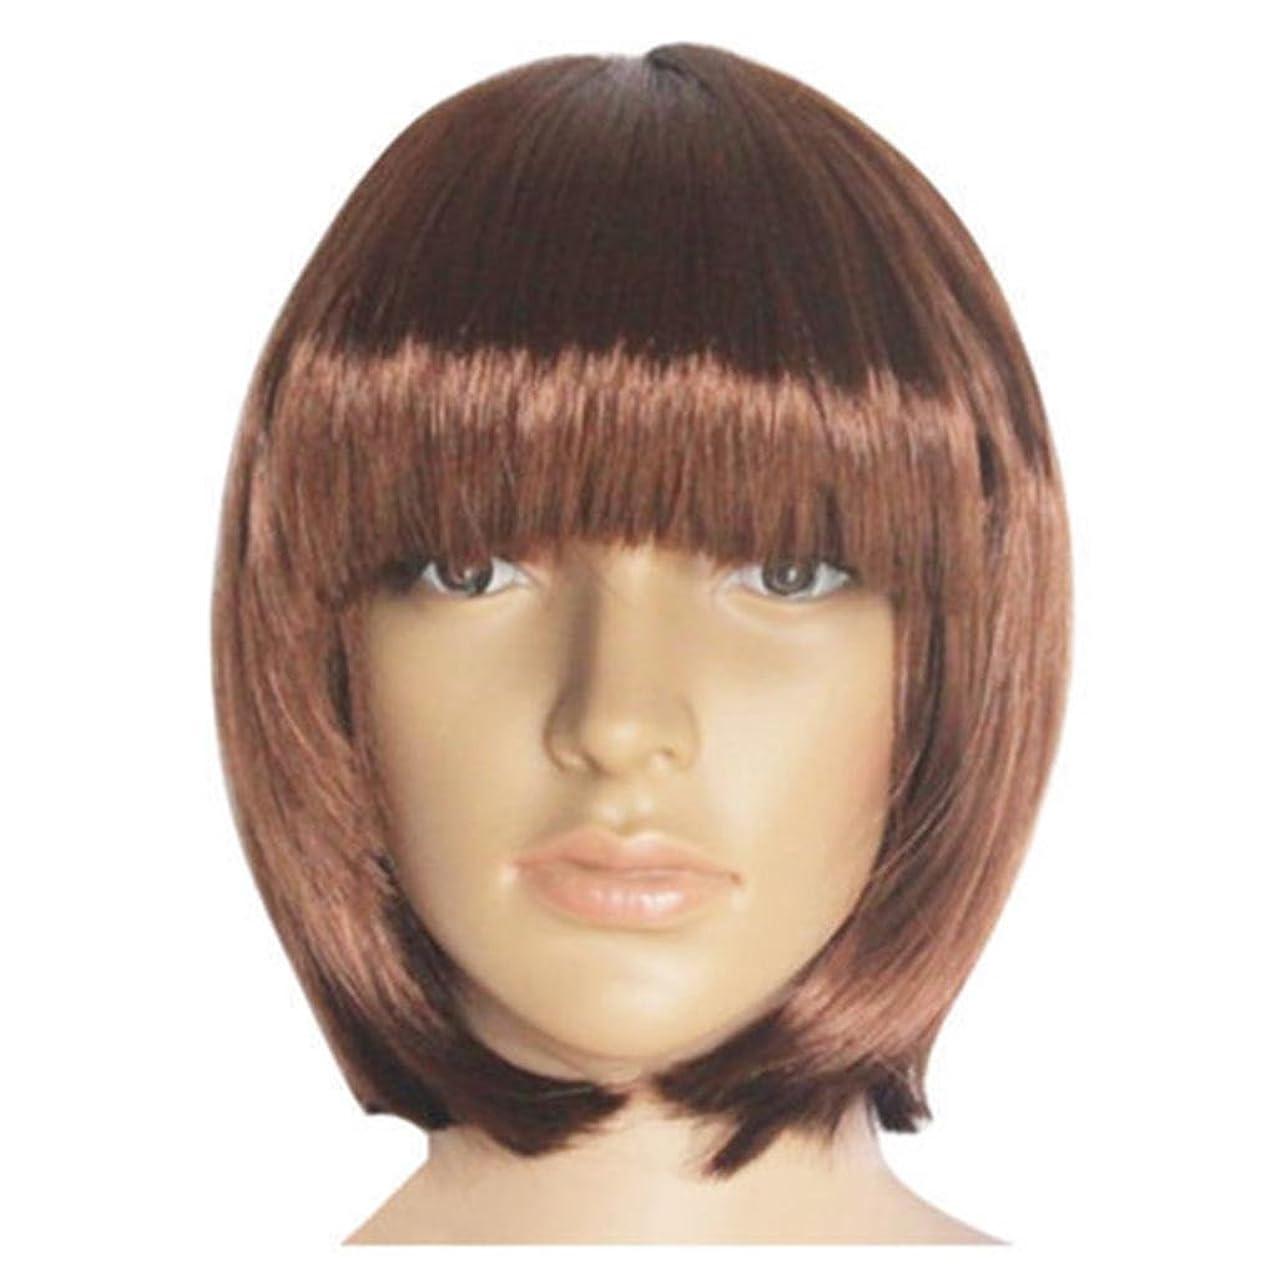 施設費やす鰐SakuraBest Natural Short Bob Hair Wigs 35cm Straight with Flat Bangs Synthetic Colorful Cosplay Daily Party Wig for Women (K)